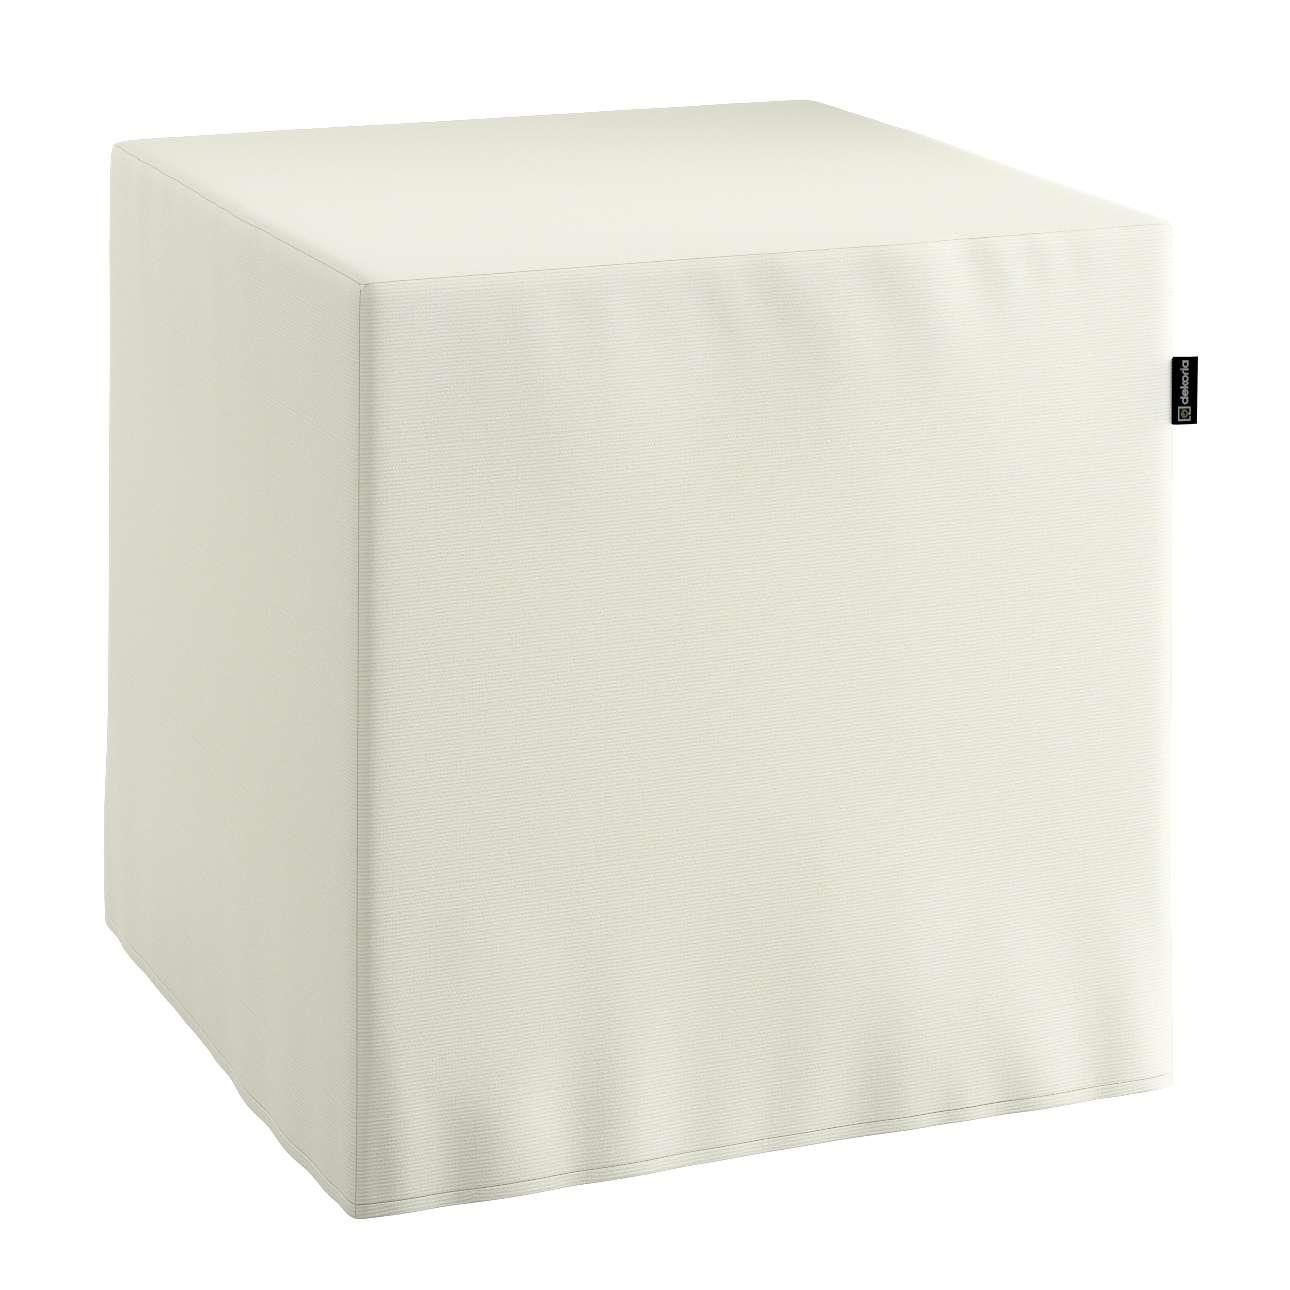 Pokrowiec na pufę kostke kostka 40x40x40 cm w kolekcji Jupiter, tkanina: 127-00